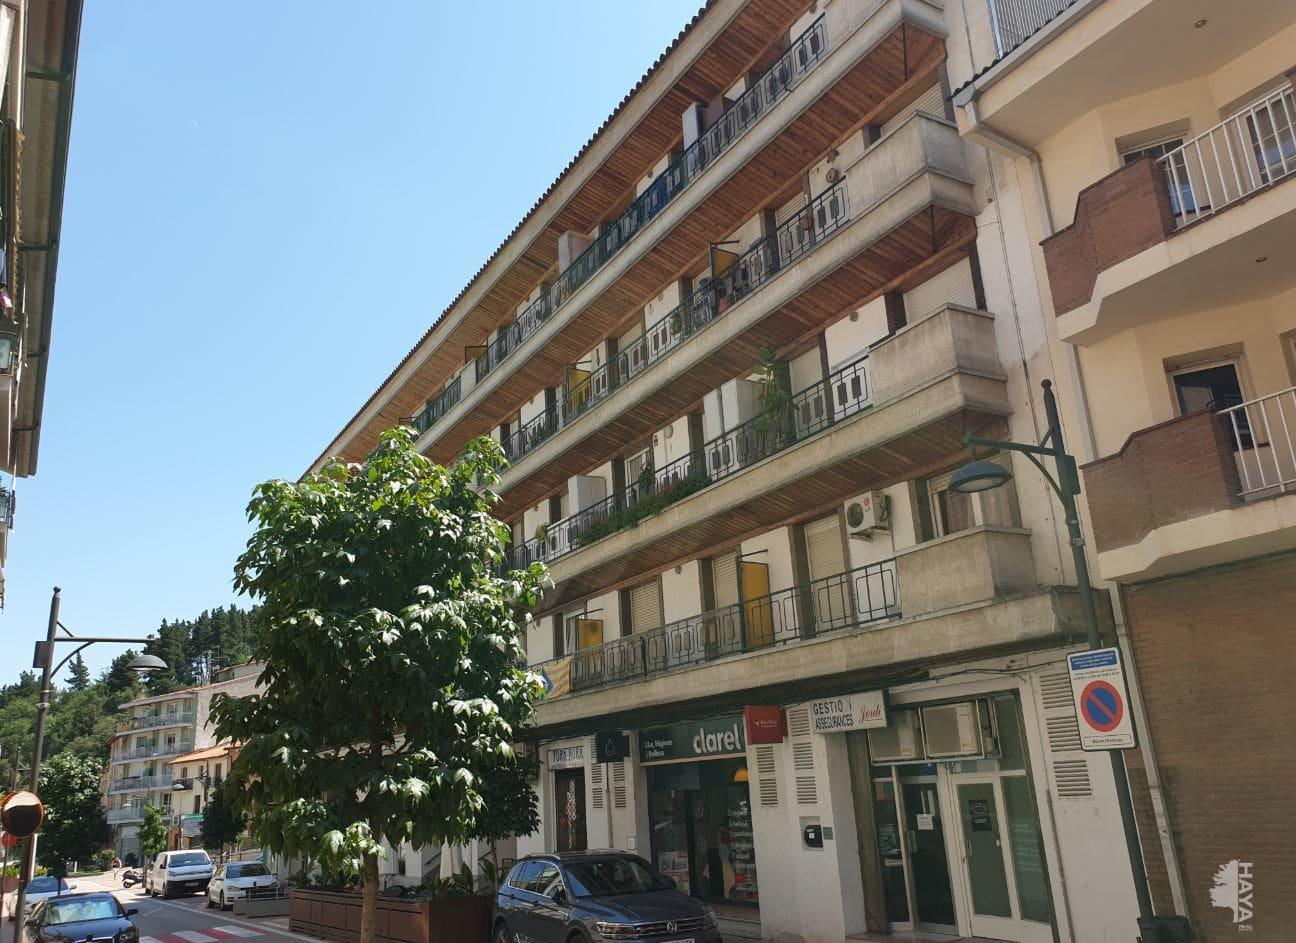 Piso en venta en Can Bruix, Arbúcies, Girona, Calle Francesc Camprodon, 76.000 €, 4 habitaciones, 2 baños, 114 m2